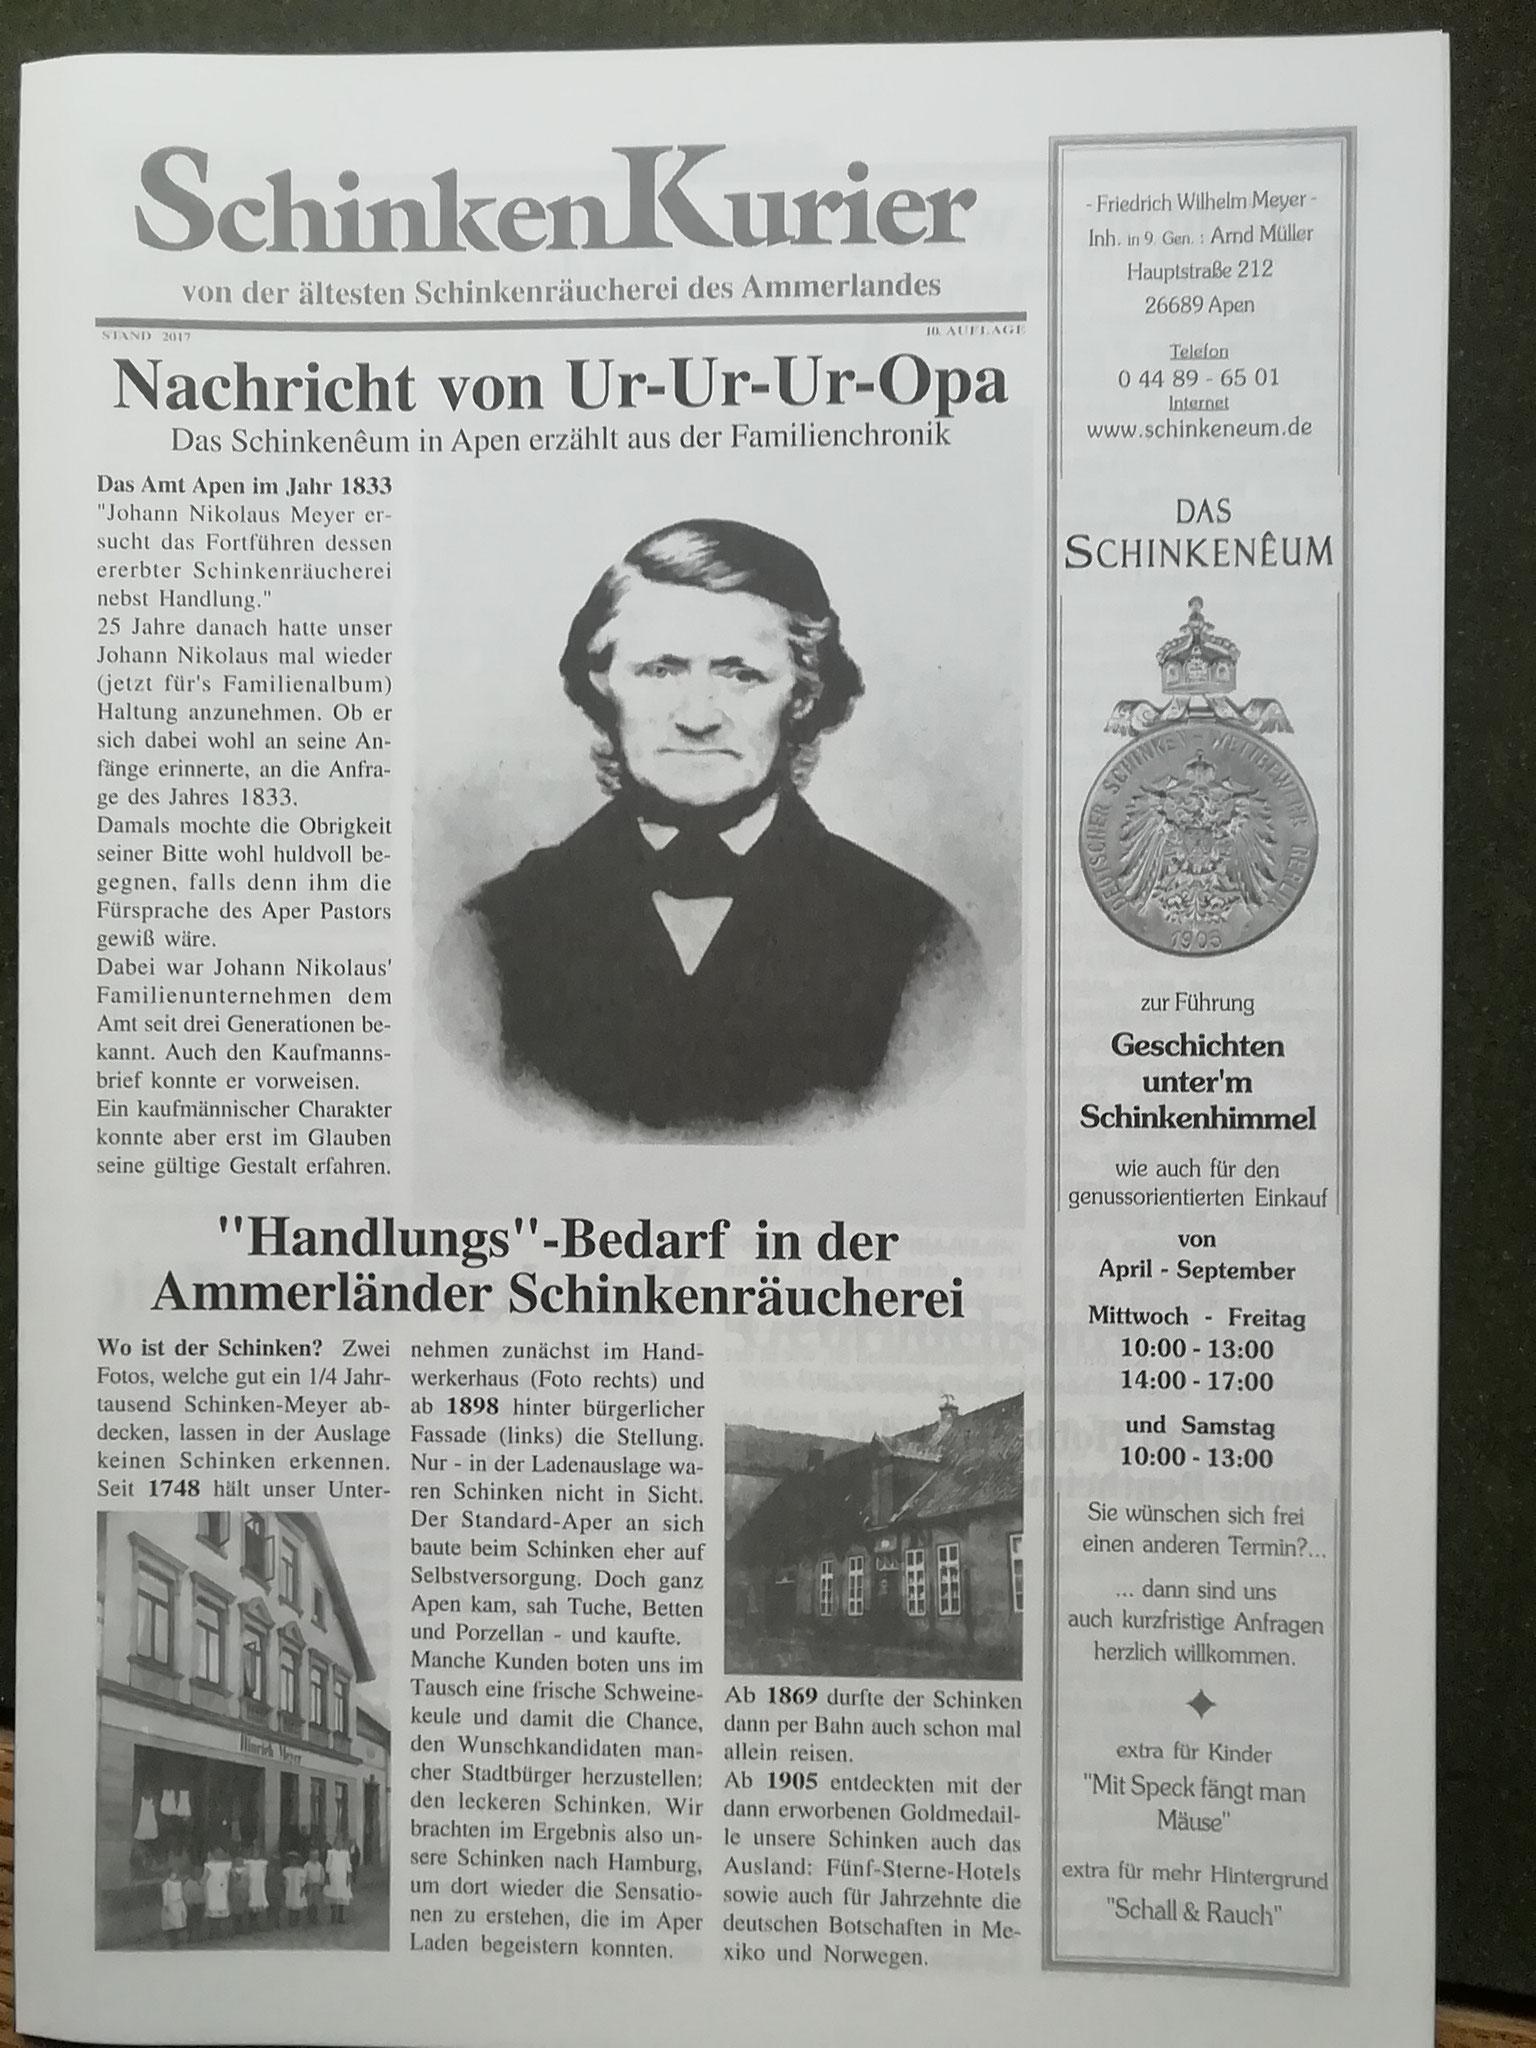 Johann Nikolaus Meyer gründete die Schinkenräucherei - zur Hörstation bitte hier klicken!